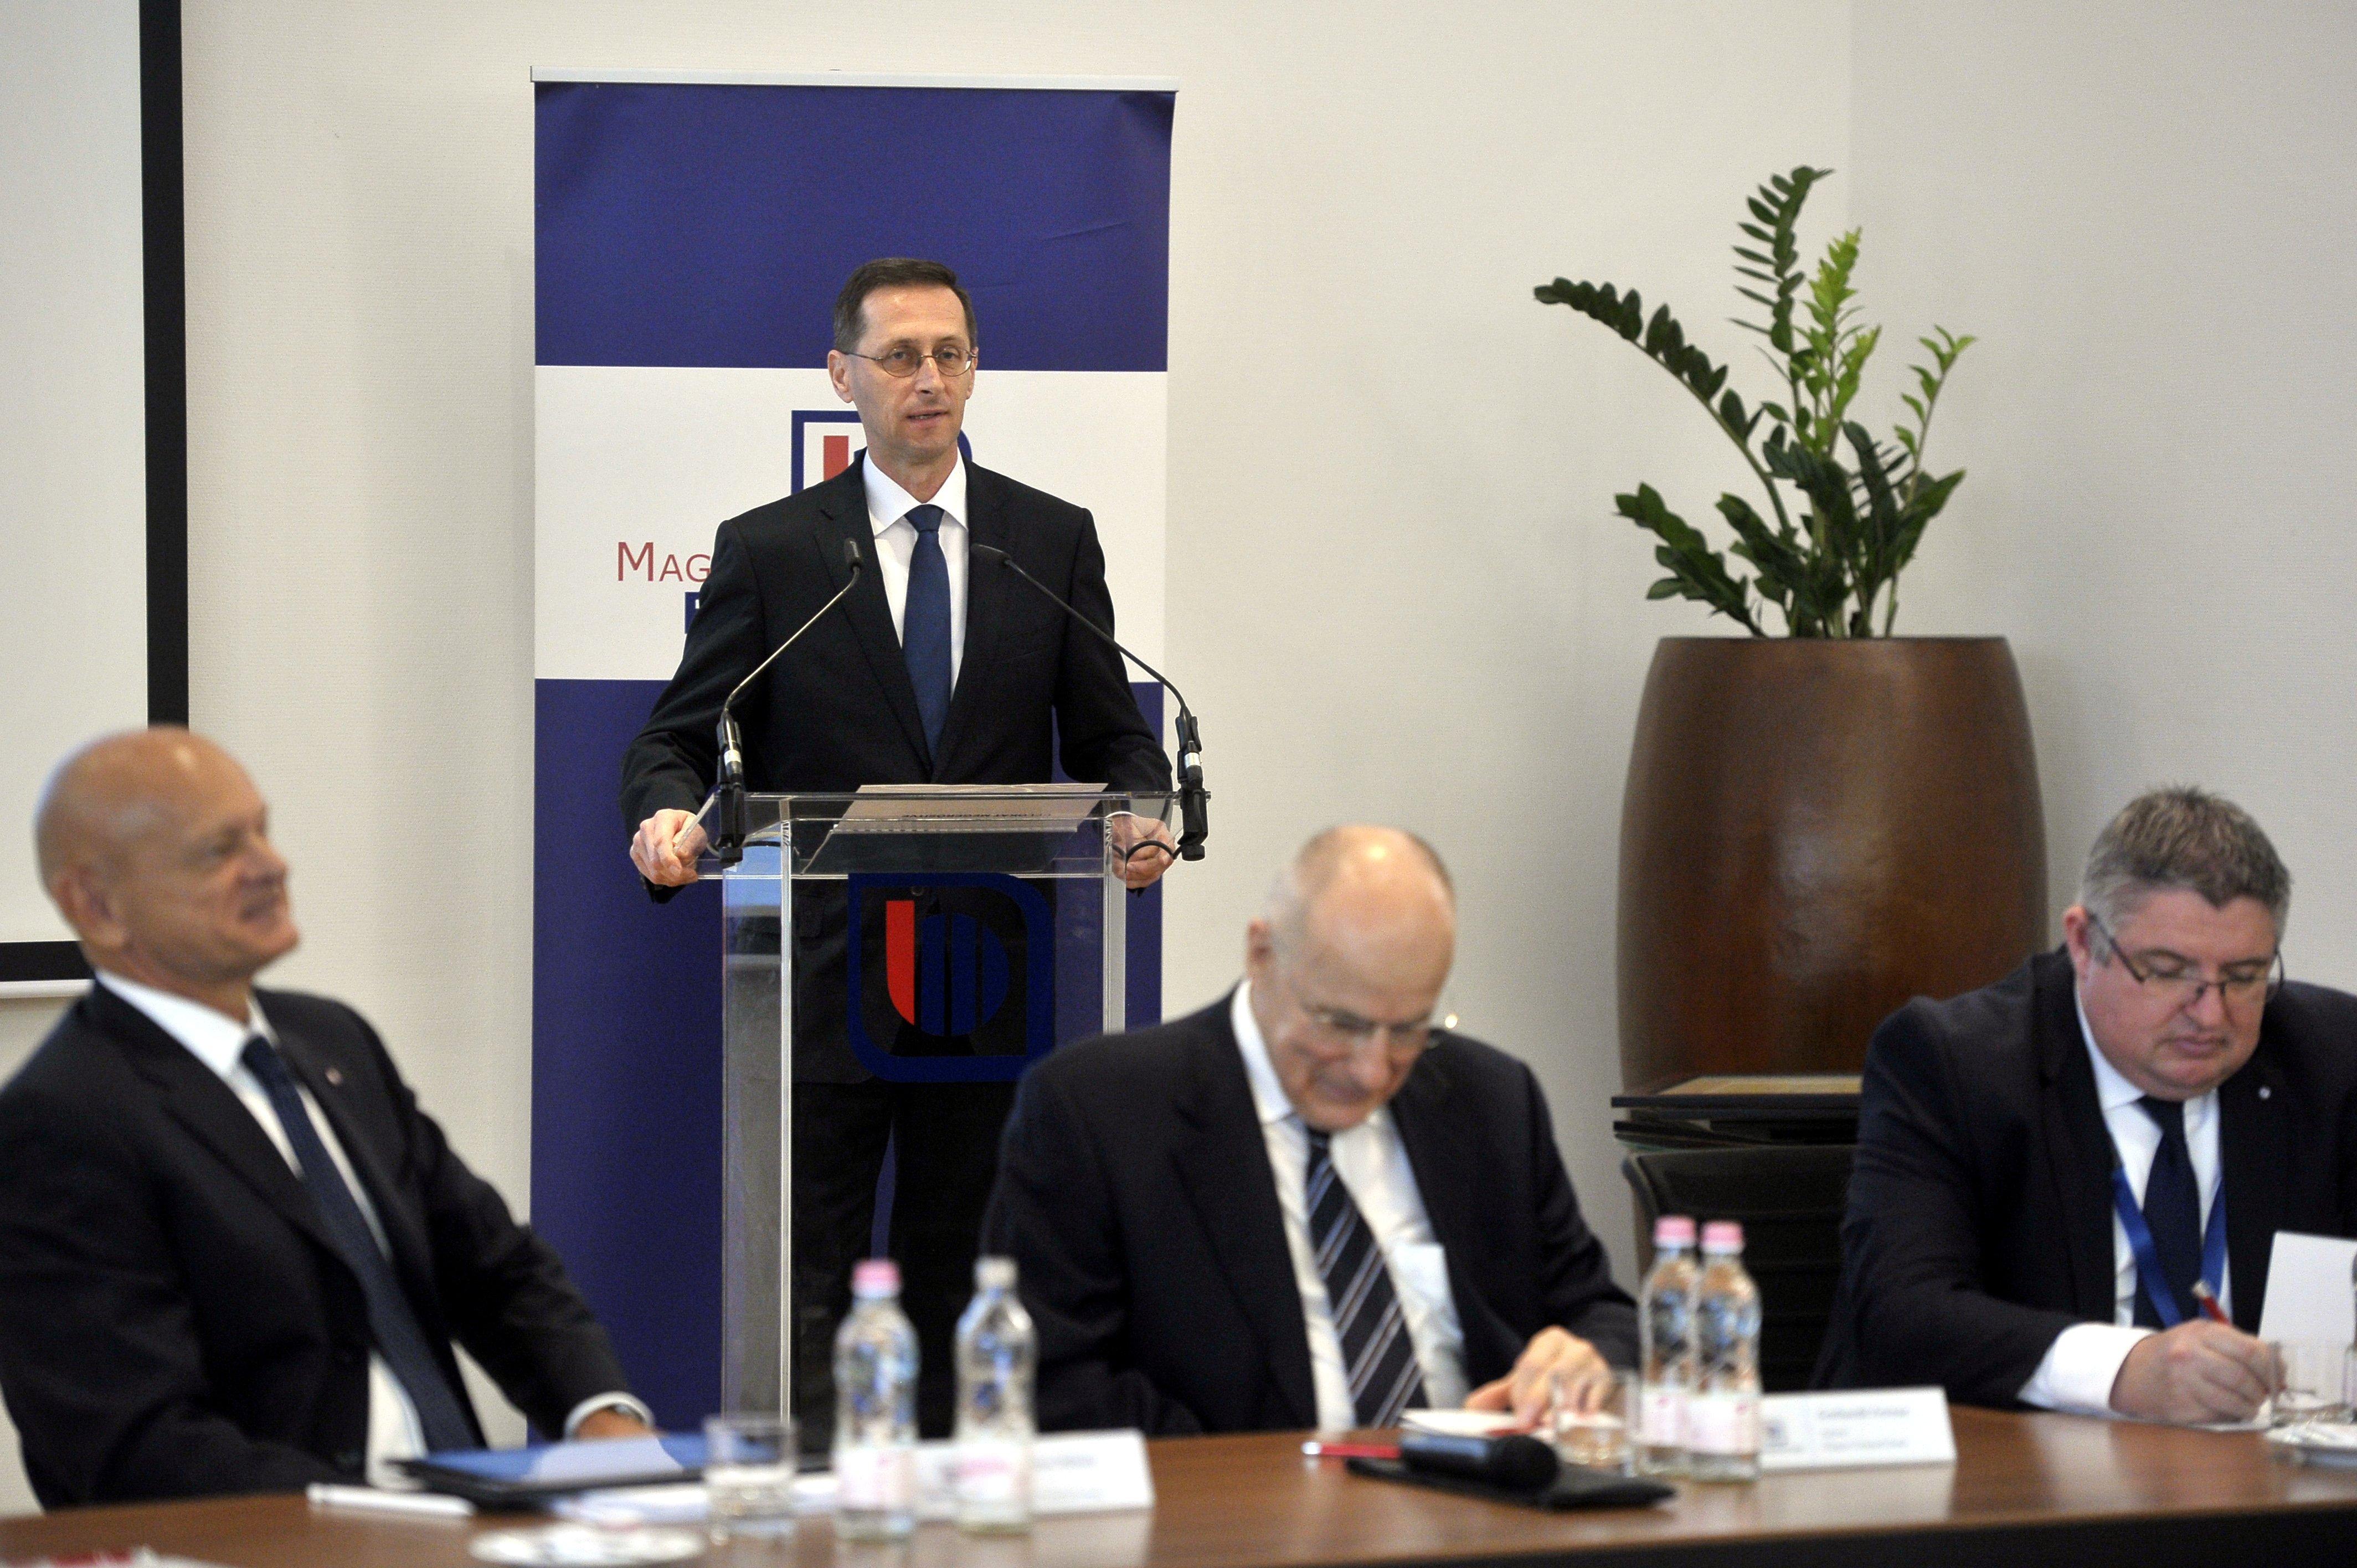 Varga Mihály miniszter marad és járulékcsökkentésről beszélt